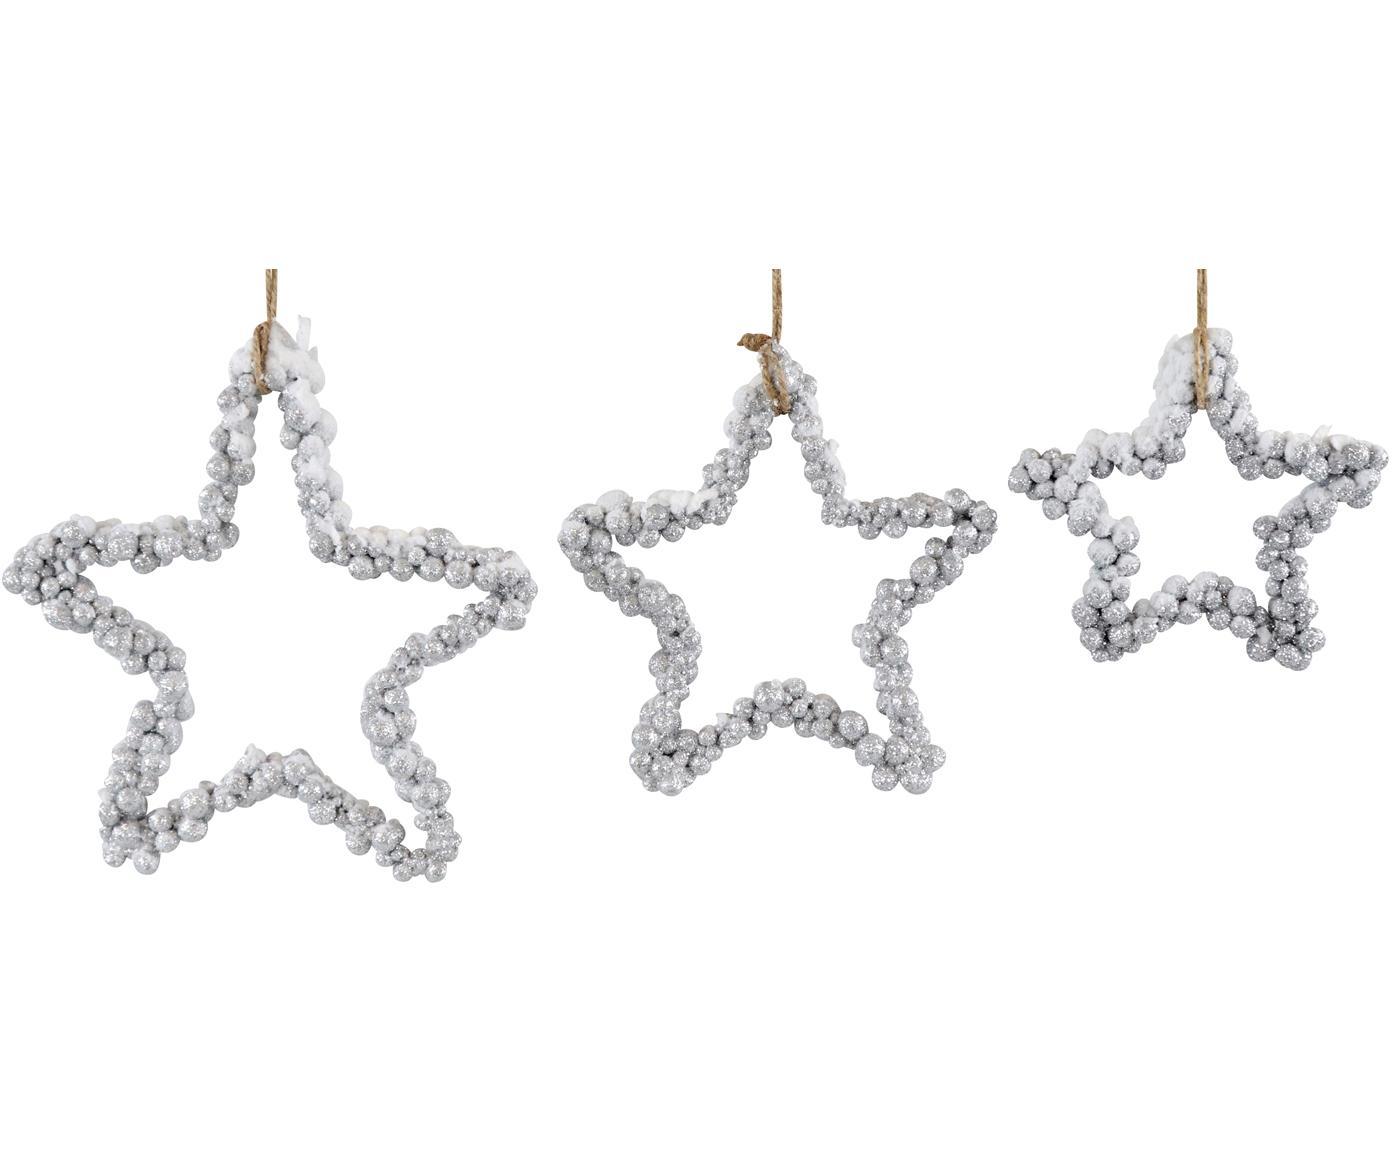 Komplet dekoracji wiszących Snowy, 3 elem., Styropian, tworzywo sztuczne, metal, drewno naturalne, Odcienie srebrnego, Komplet z różnymi rozmiarami